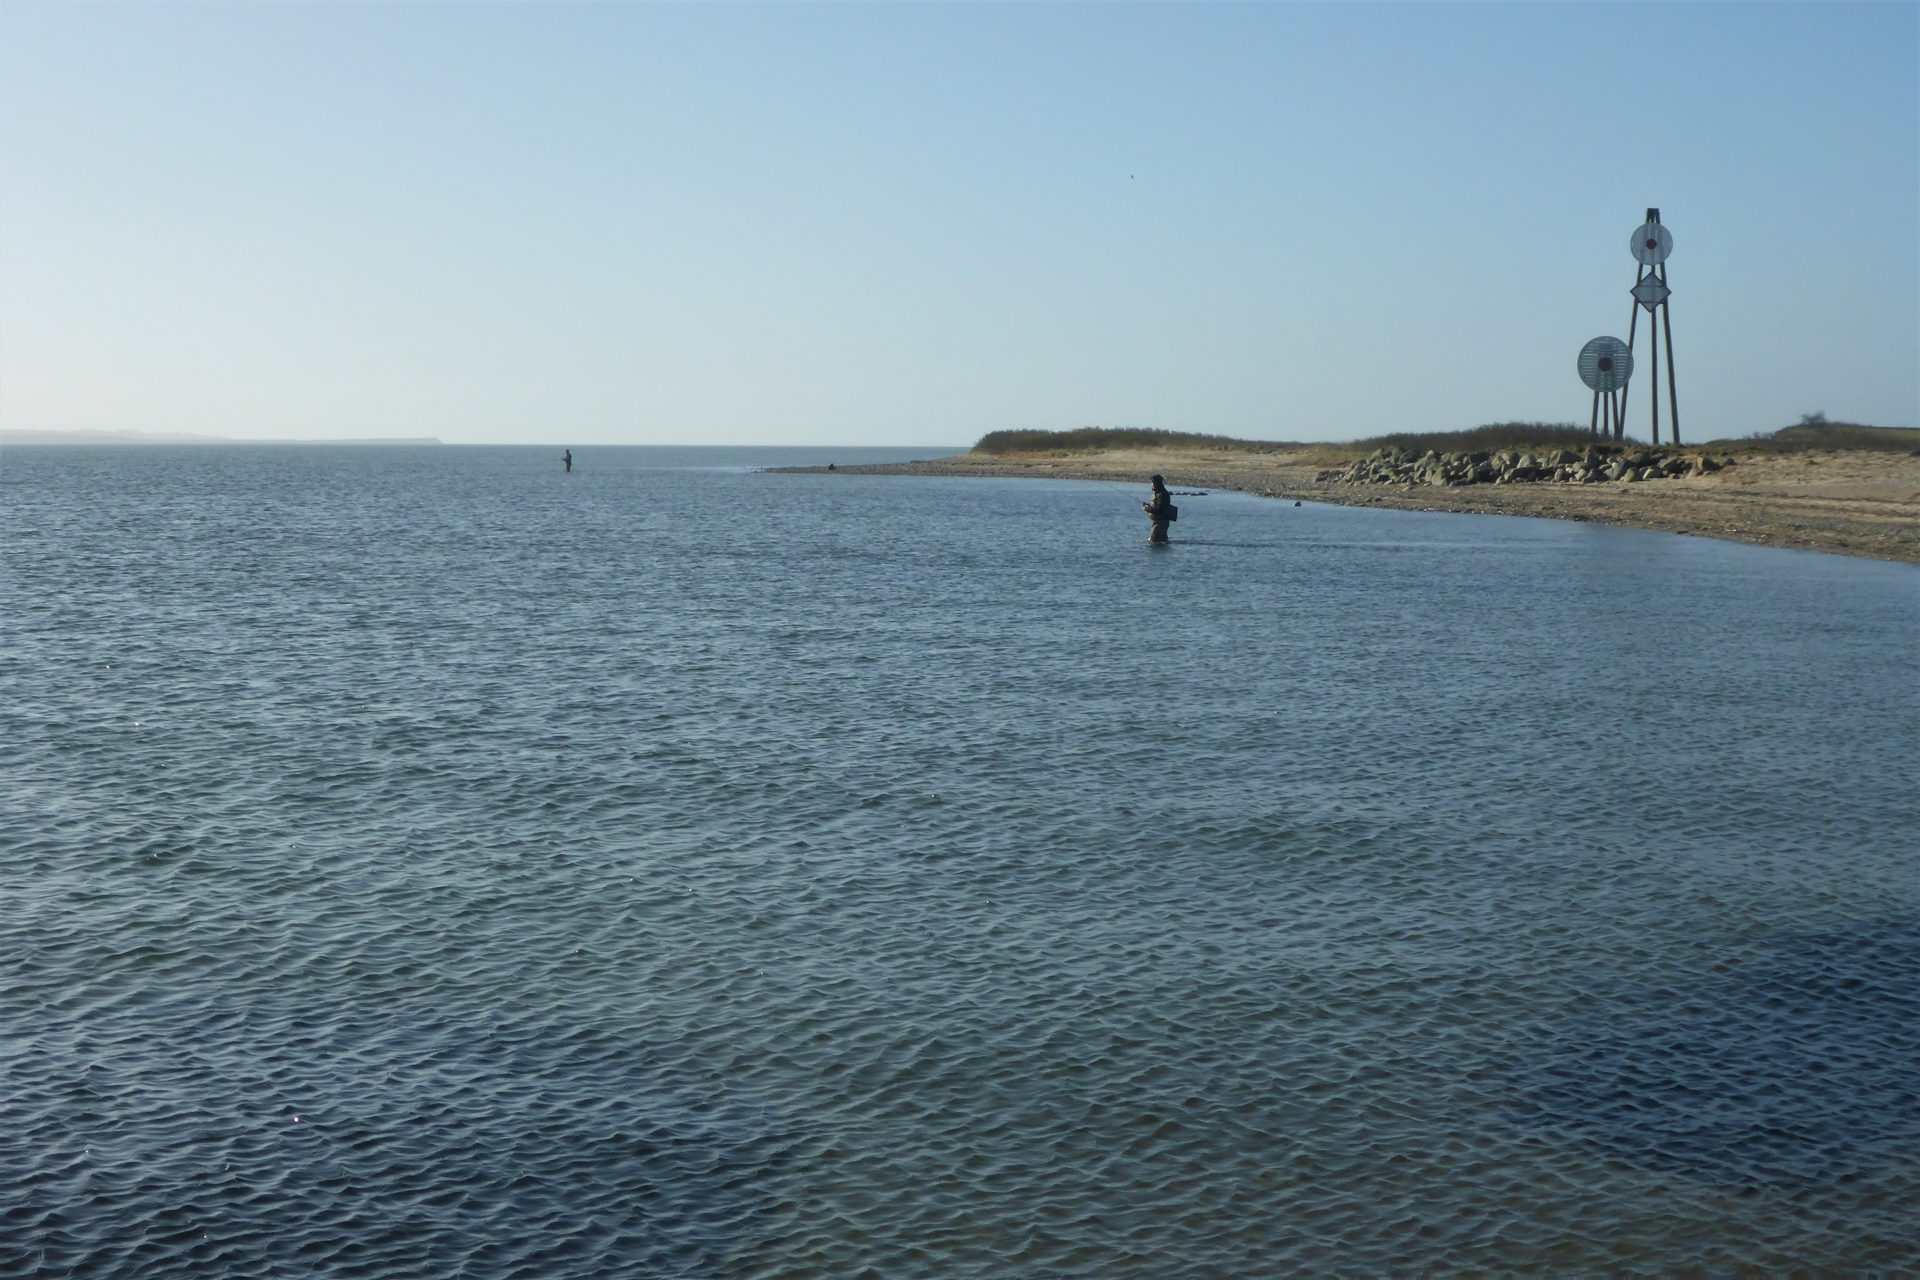 Bøløre Odde er en fiskeplads i Limfjorden på Jegindø hvor man kan fange havørred.